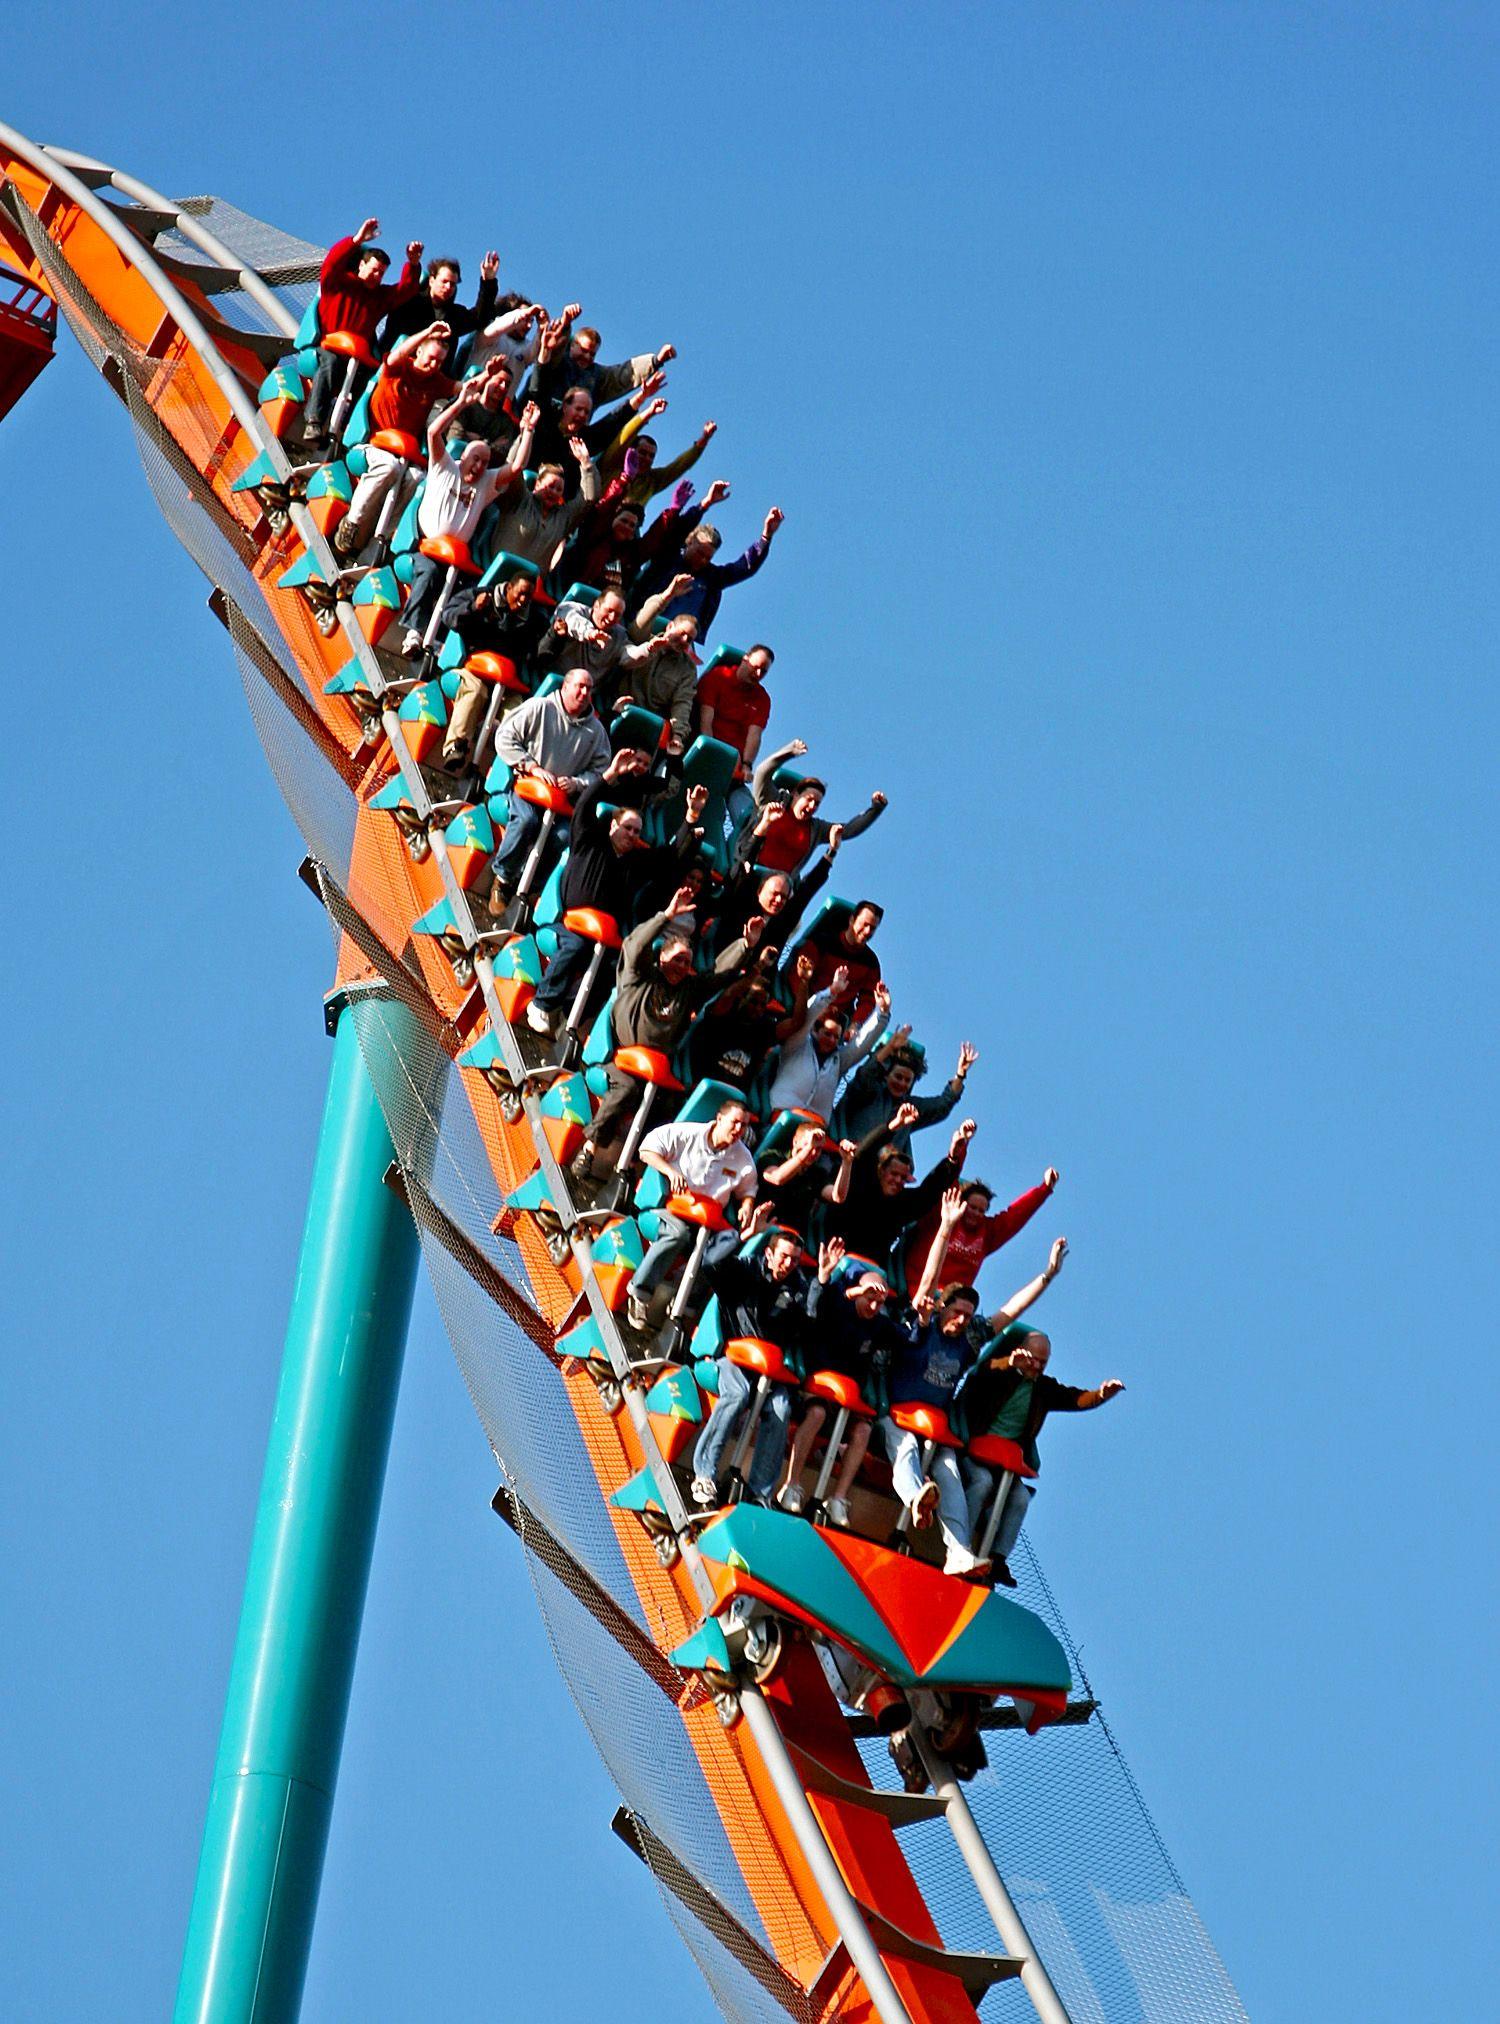 Goliath Best Roller Coasters Theme Parks Rides Amusement Park Rides